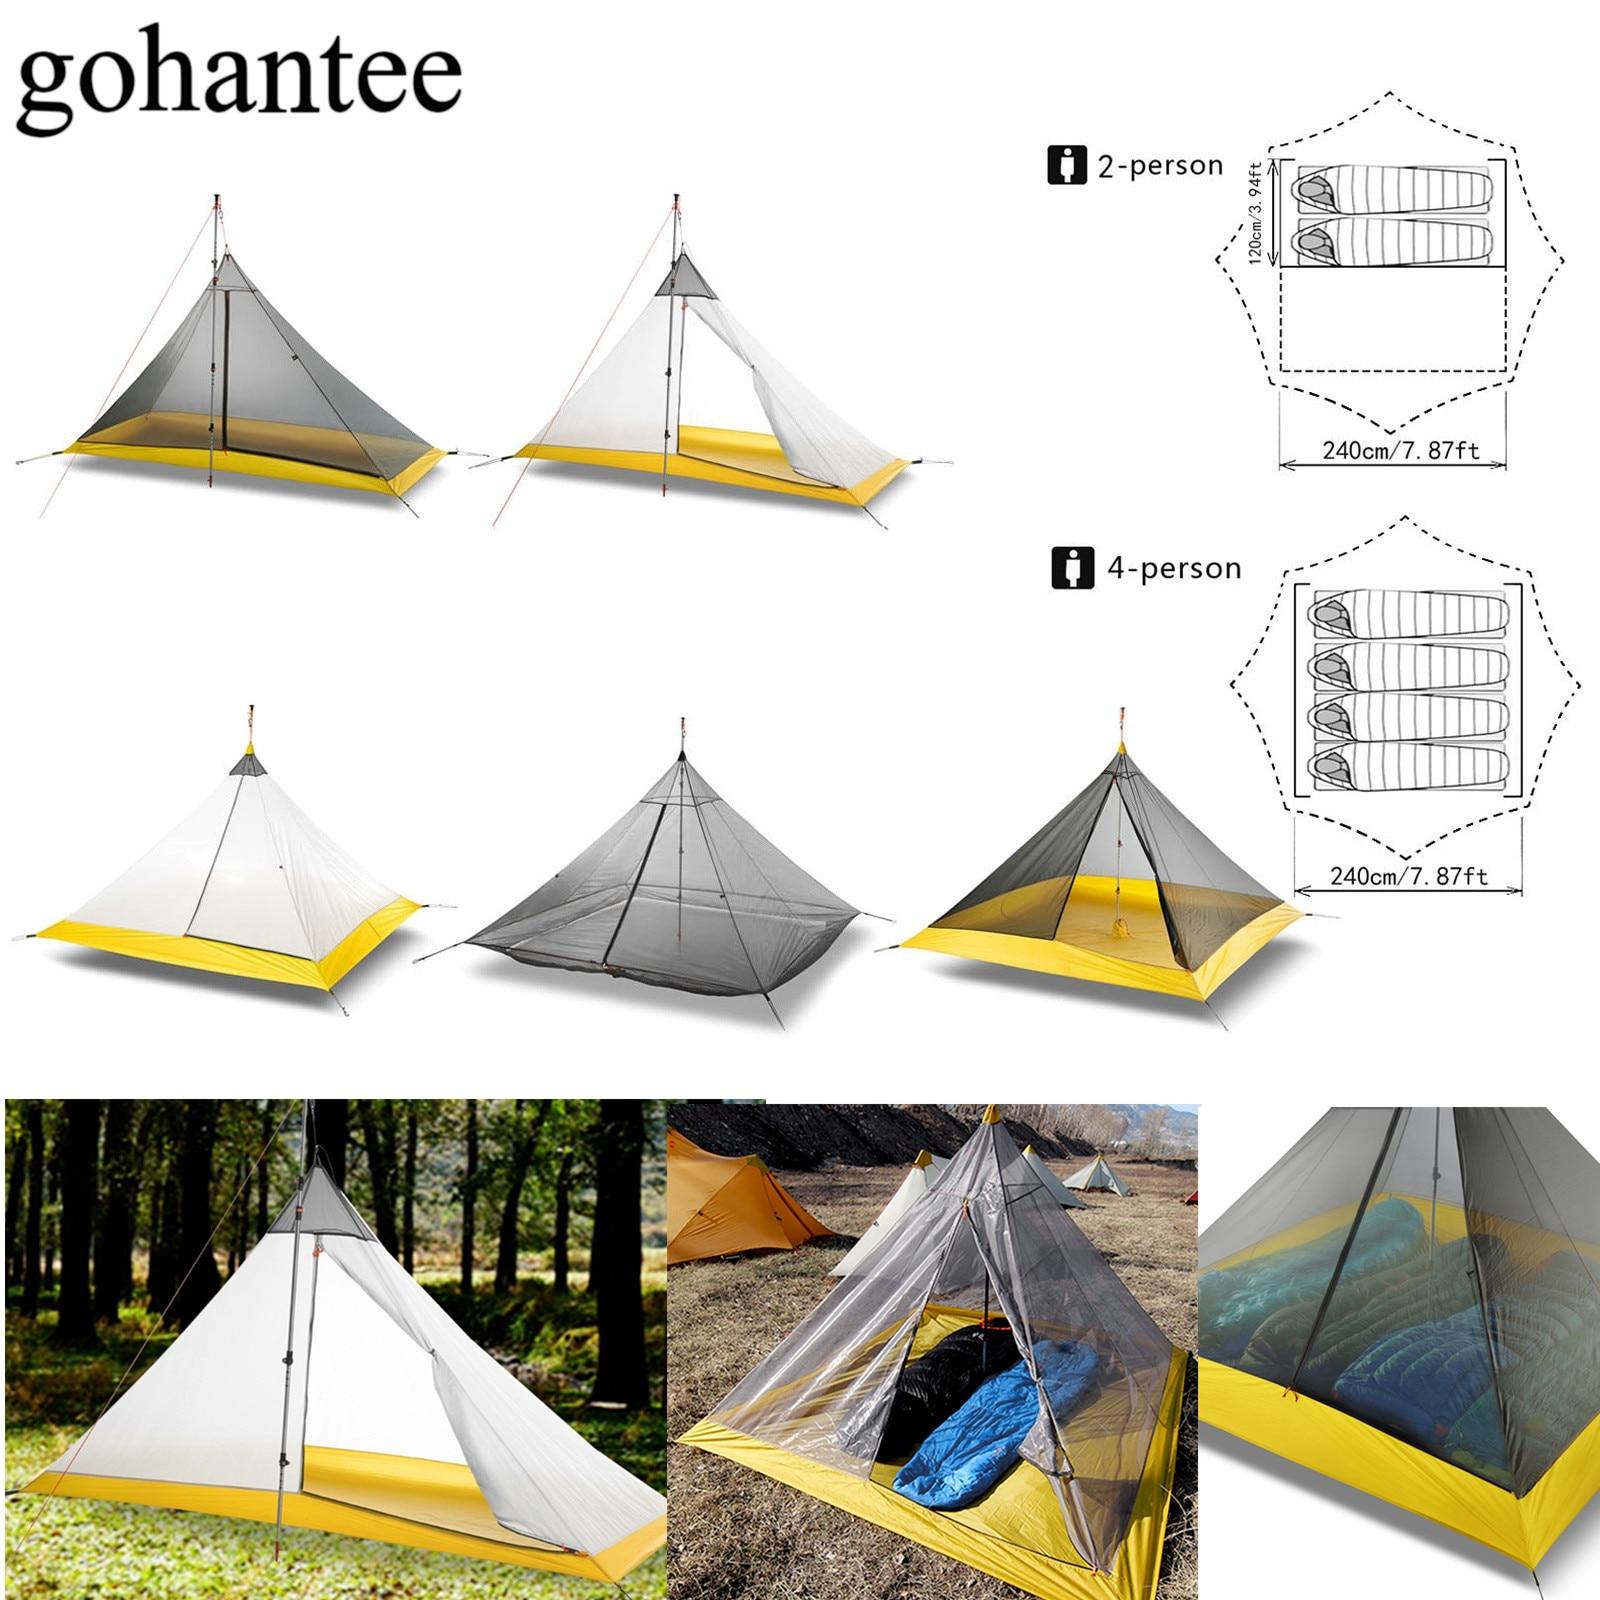 Ultralekki namiot kempingowy 2-4 osoby na zewnątrz 40D Nylon powlekany silikonem piramida sztoku duży namiot oddychający 3-4 sezonowy namiot wewnętrzny